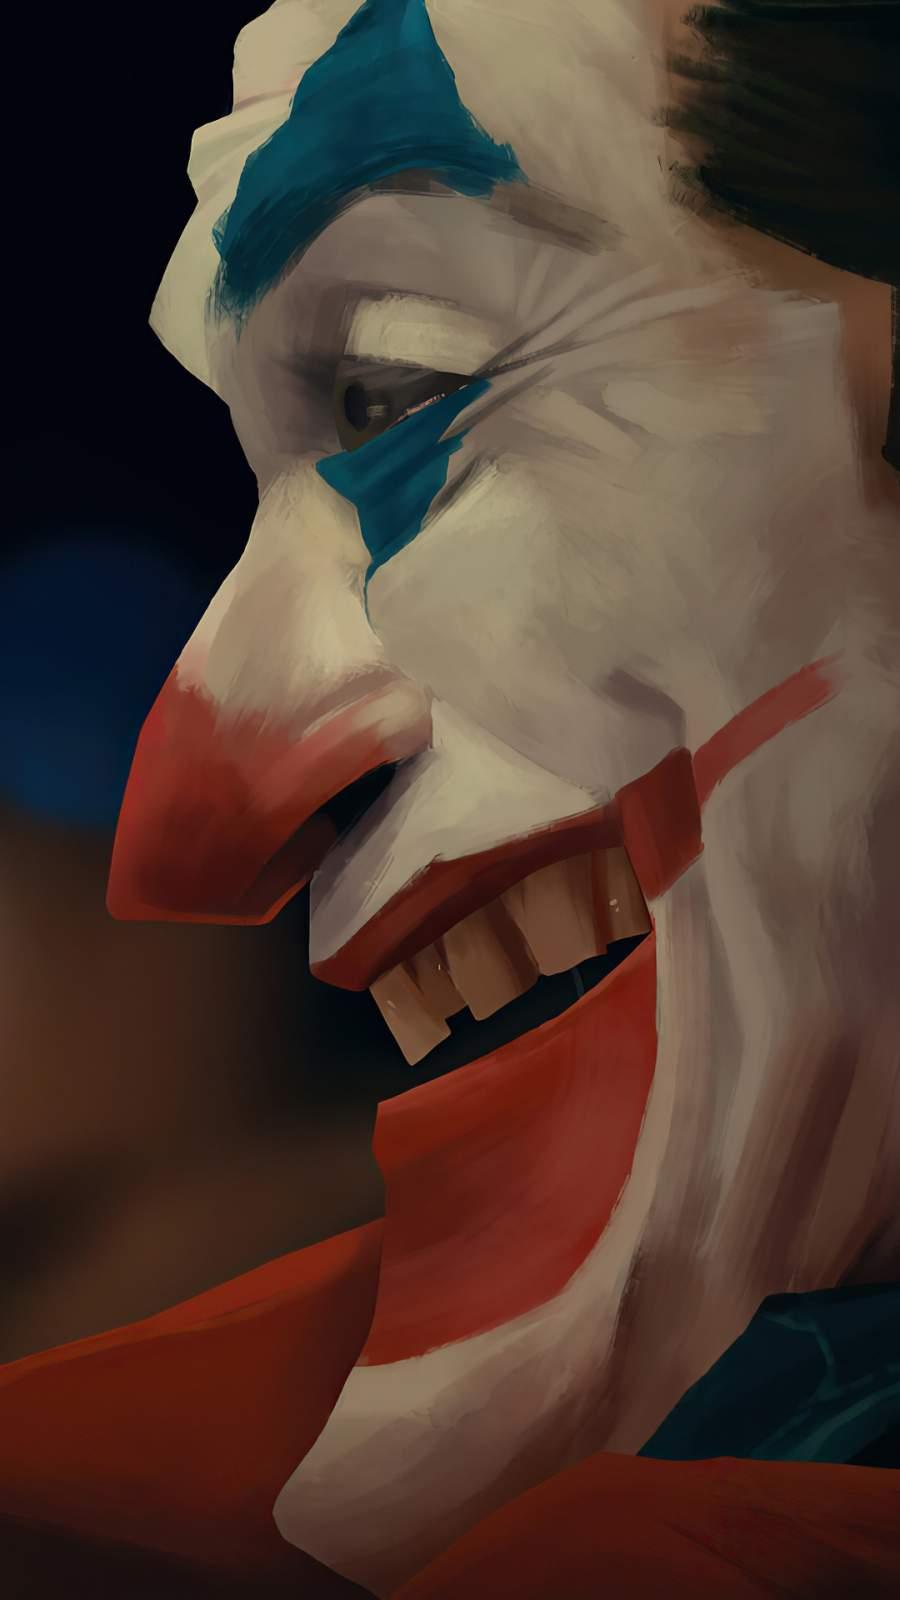 Joker Smile Closeup